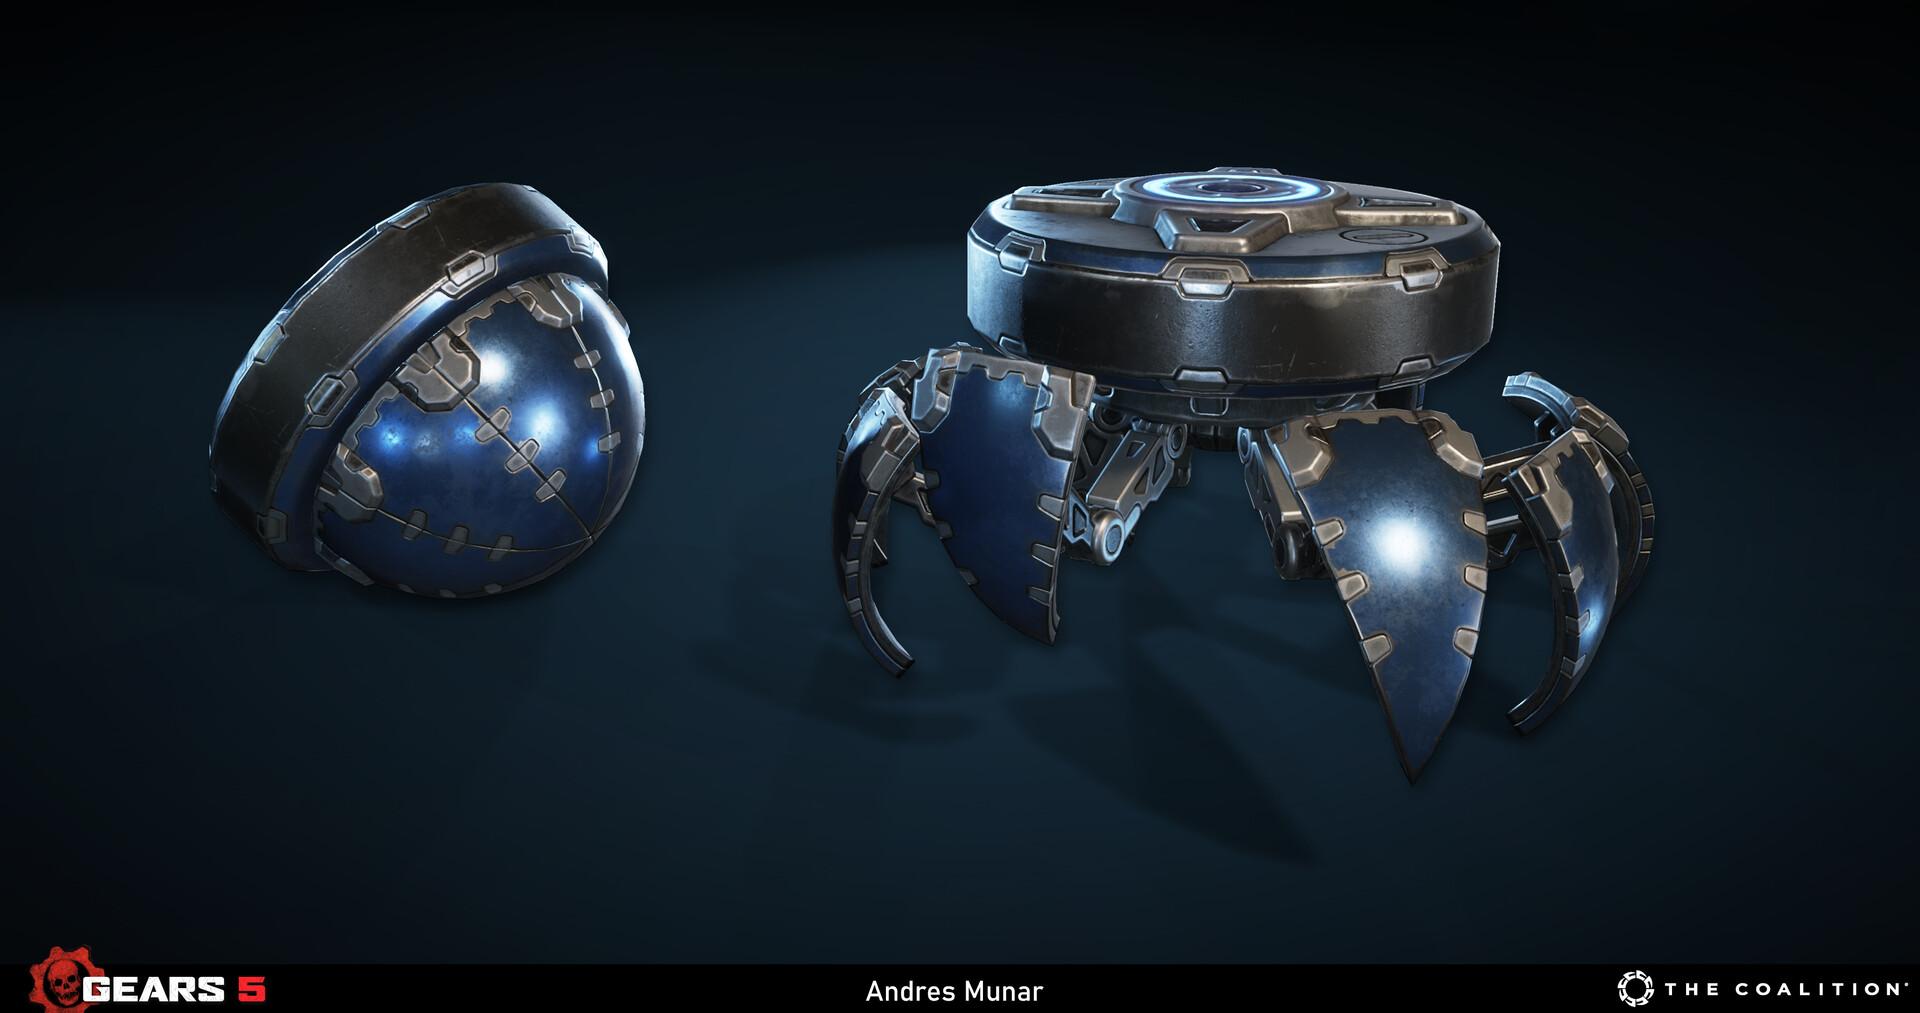 Andres munar gears5 010